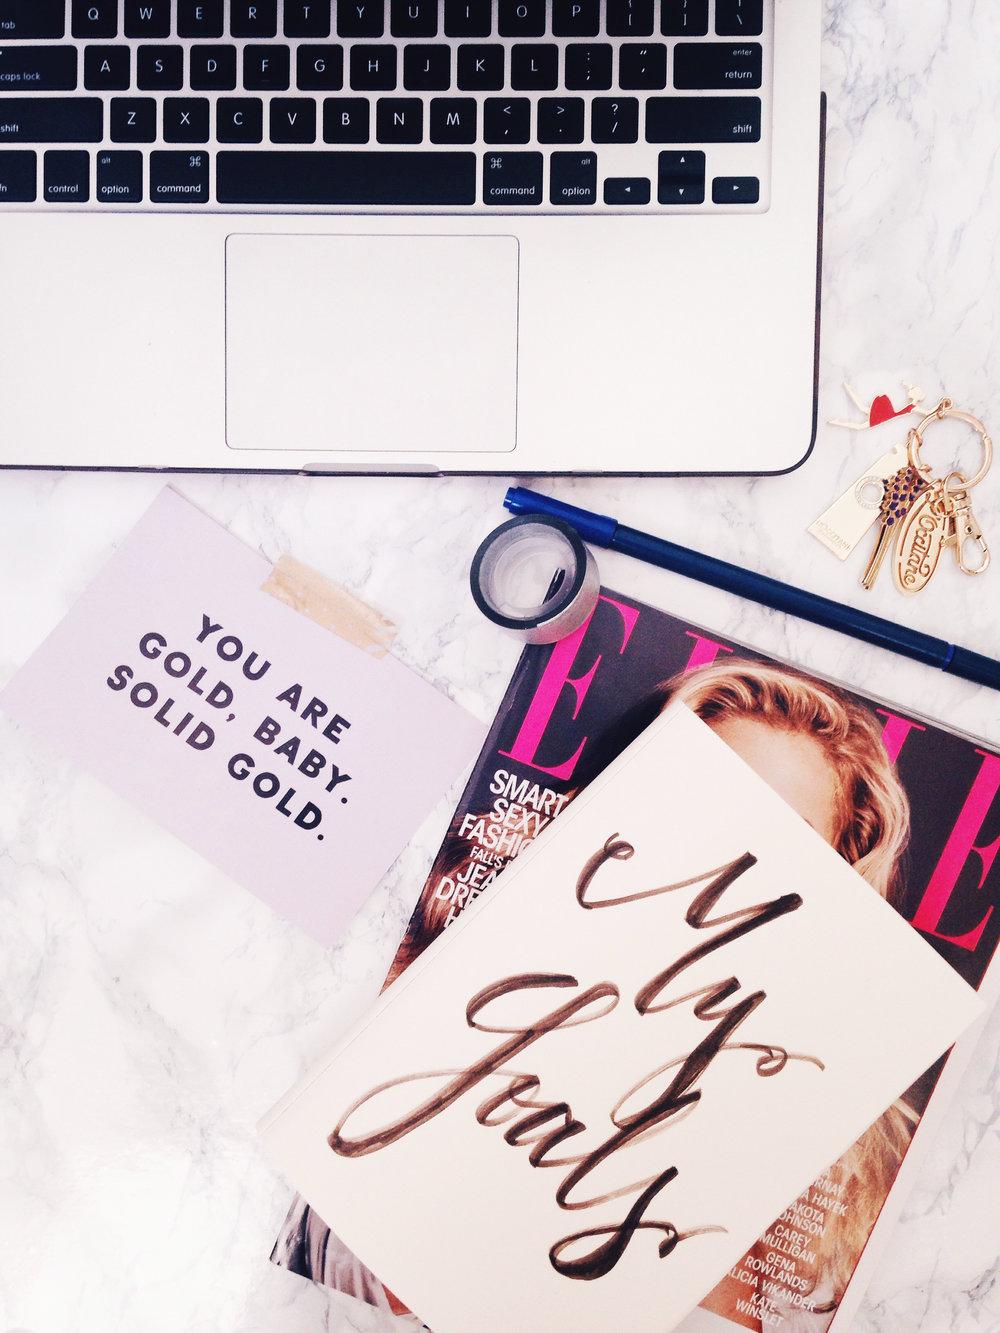 Proponerse Metas Y Realmente Cumplirlas // Año nuevo, nuevas metas, nuevas resoluciones. Mis 3 consejos sobre cómo proponerse metas y lograrlas verdaderamente durante todo el año.